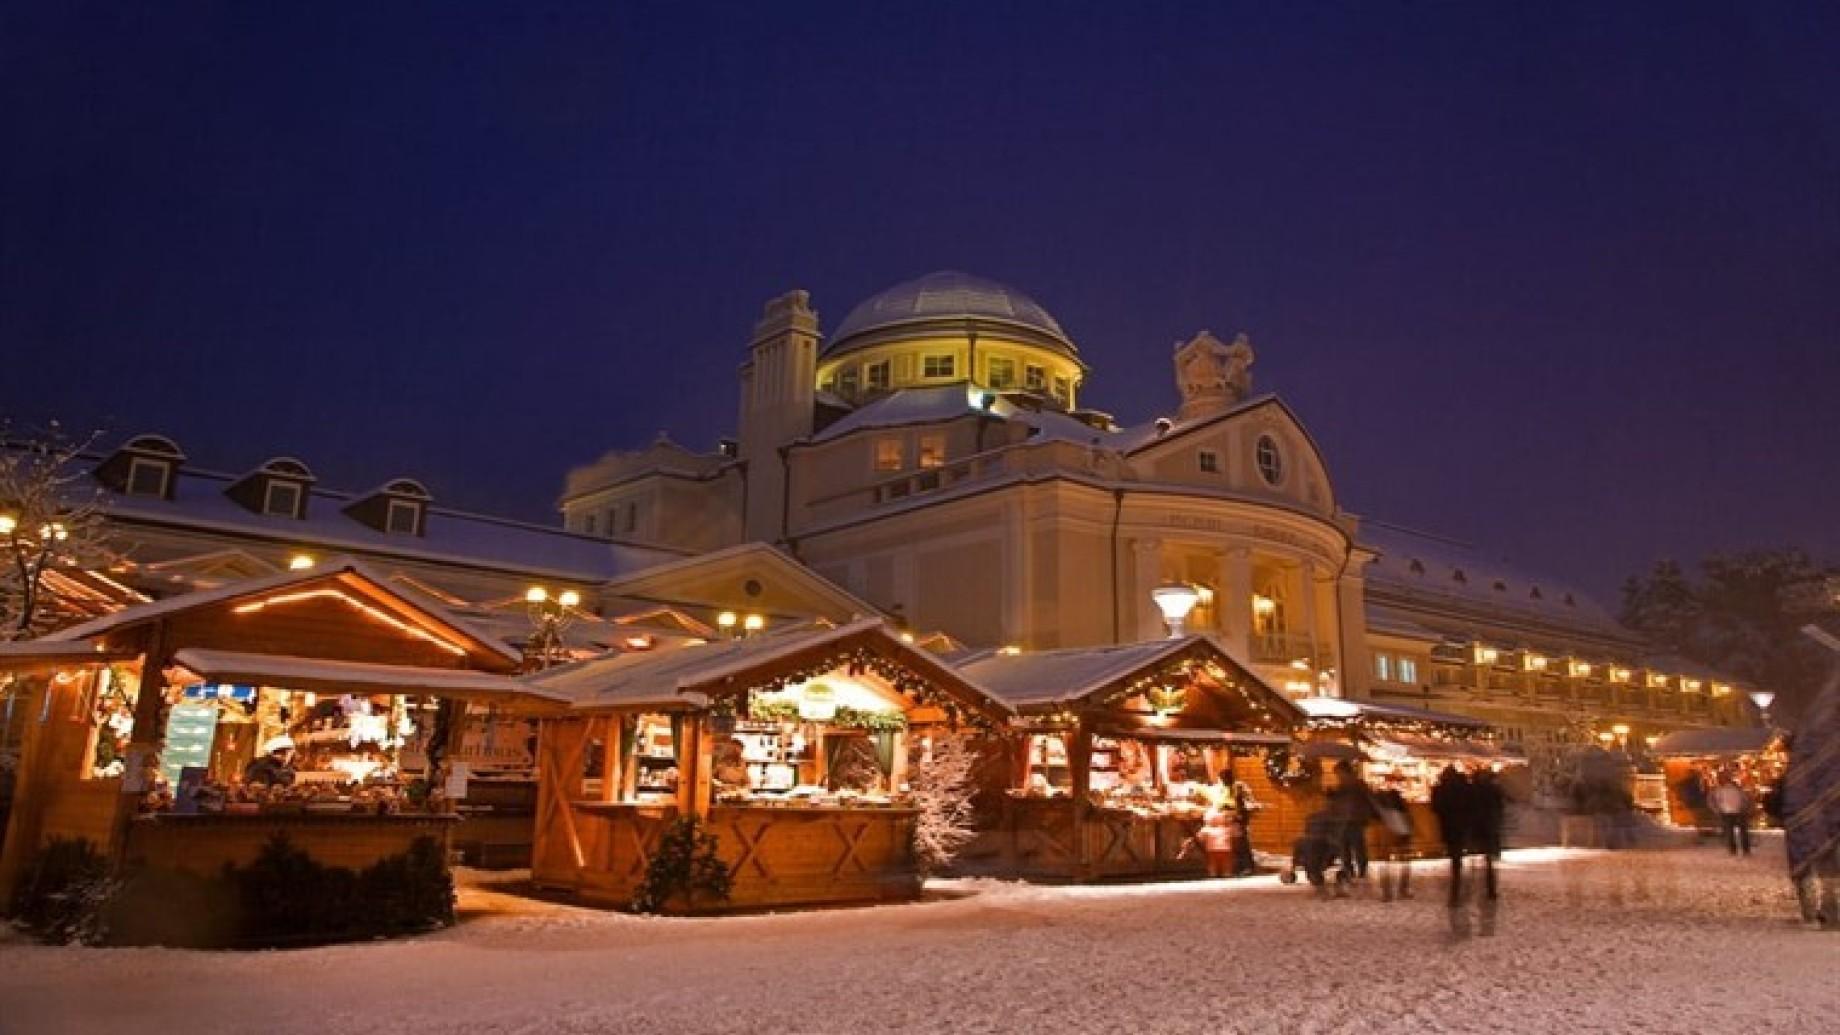 Foto Merano Mercatini Di Natale.Una Gita Ai Mercatini Di Natale Di Merano Tratto Da Una Storia Vera Il Milanese Imbruttito